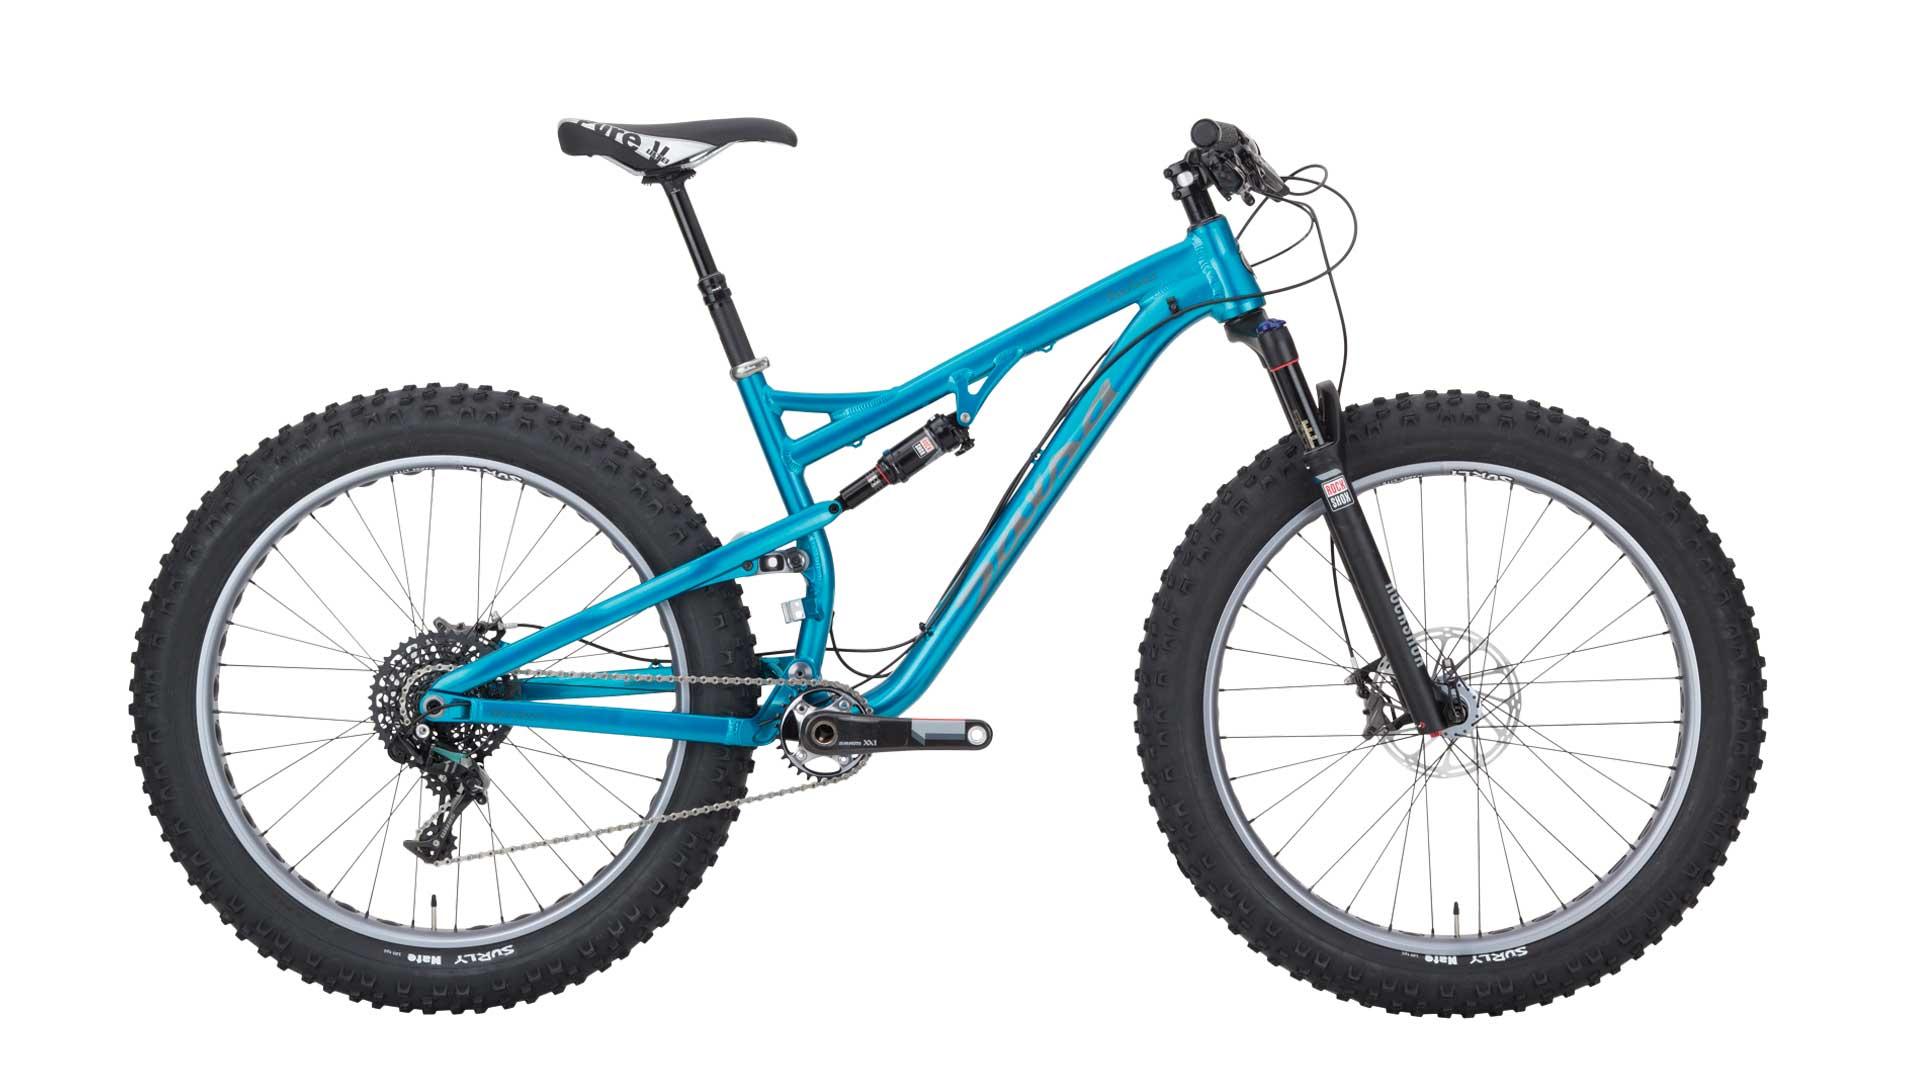 BUCKSAW_XO1_Bike-Carousel_1